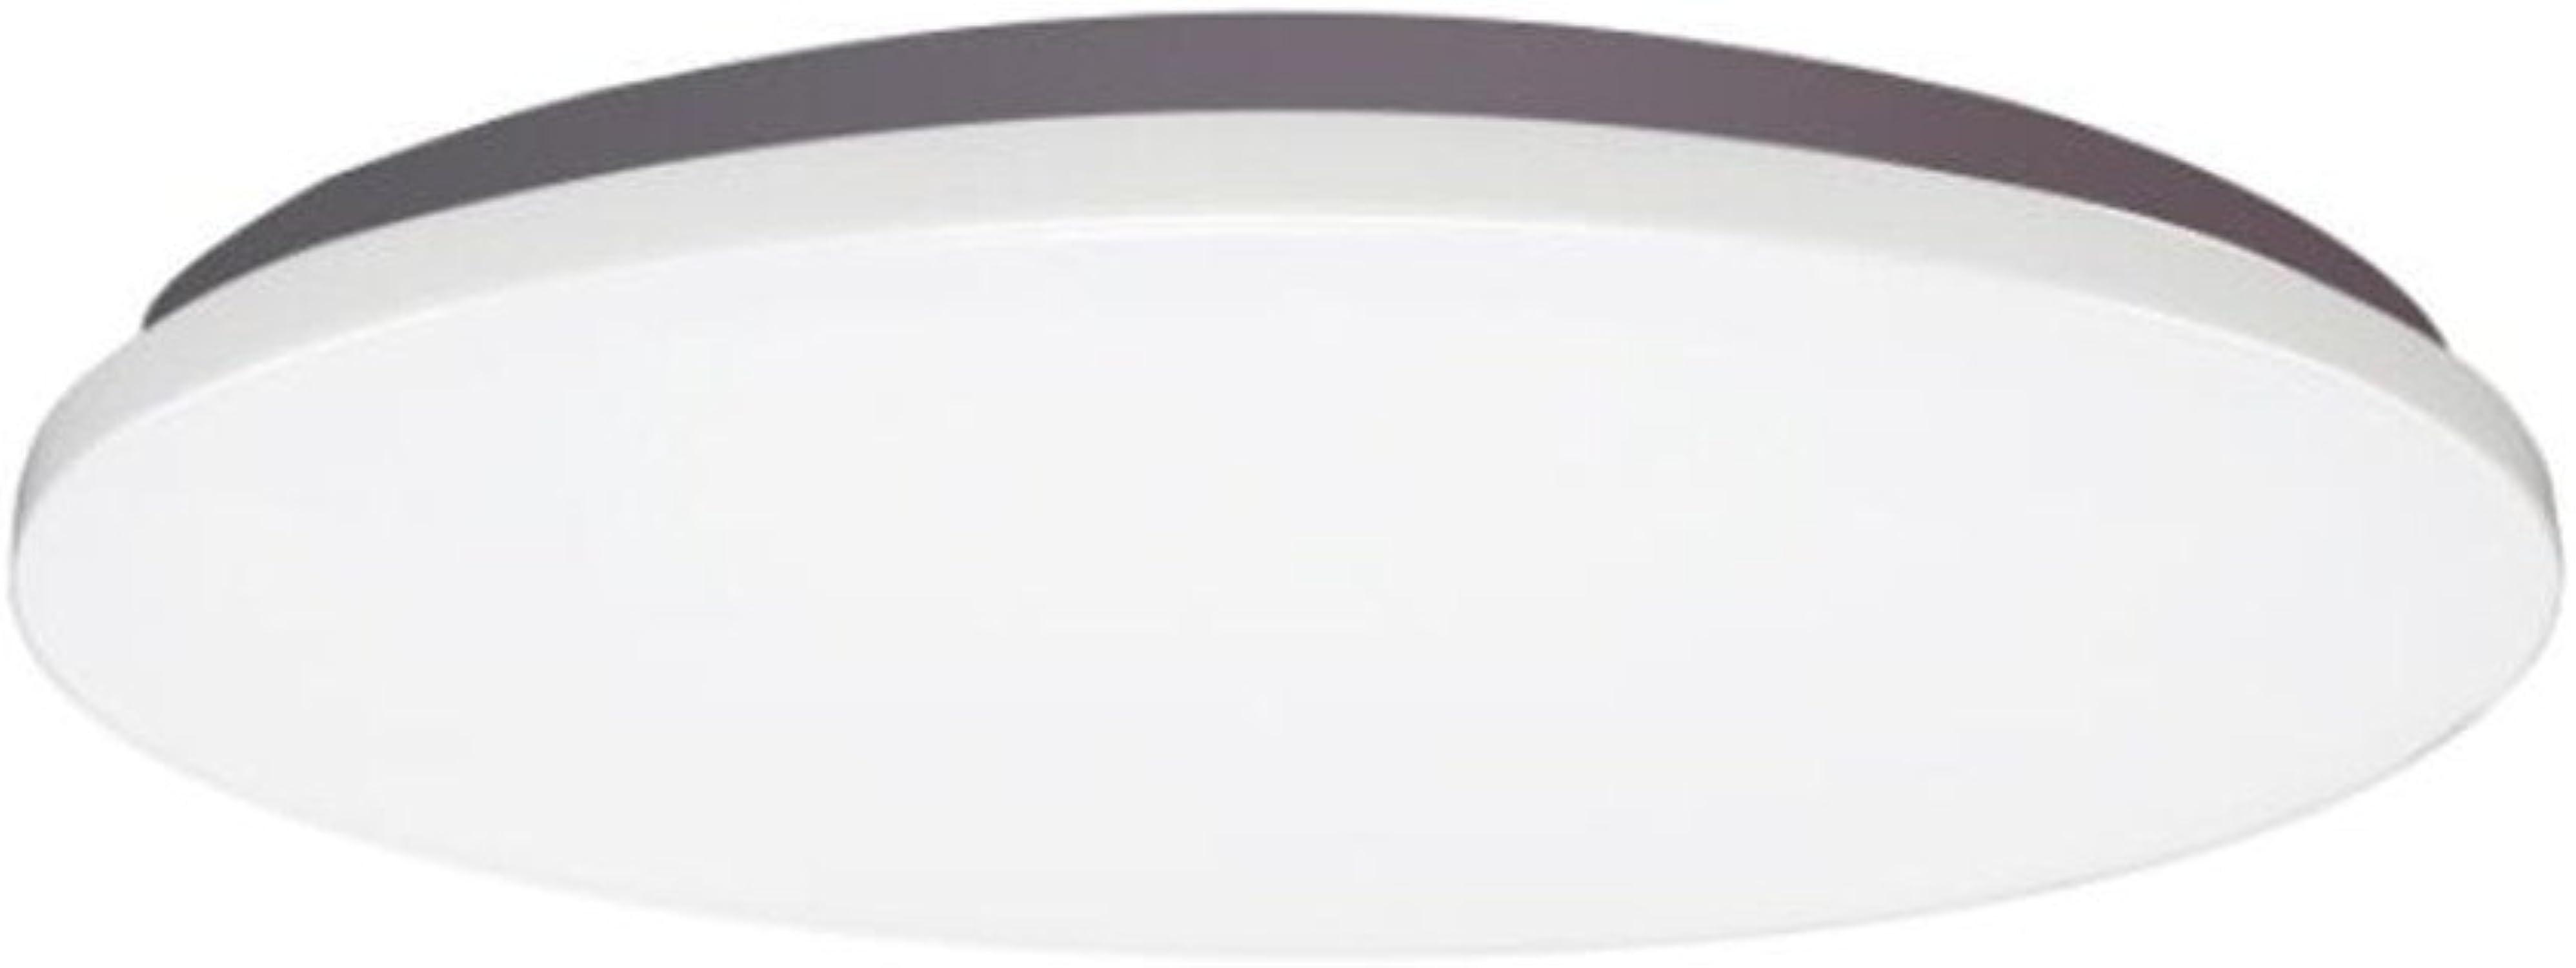 DENG Le Balcon Simple Rond Ultra-Mince de Lampe de Plafond Allume des Lampes de Couloir de Couloir, 20cm